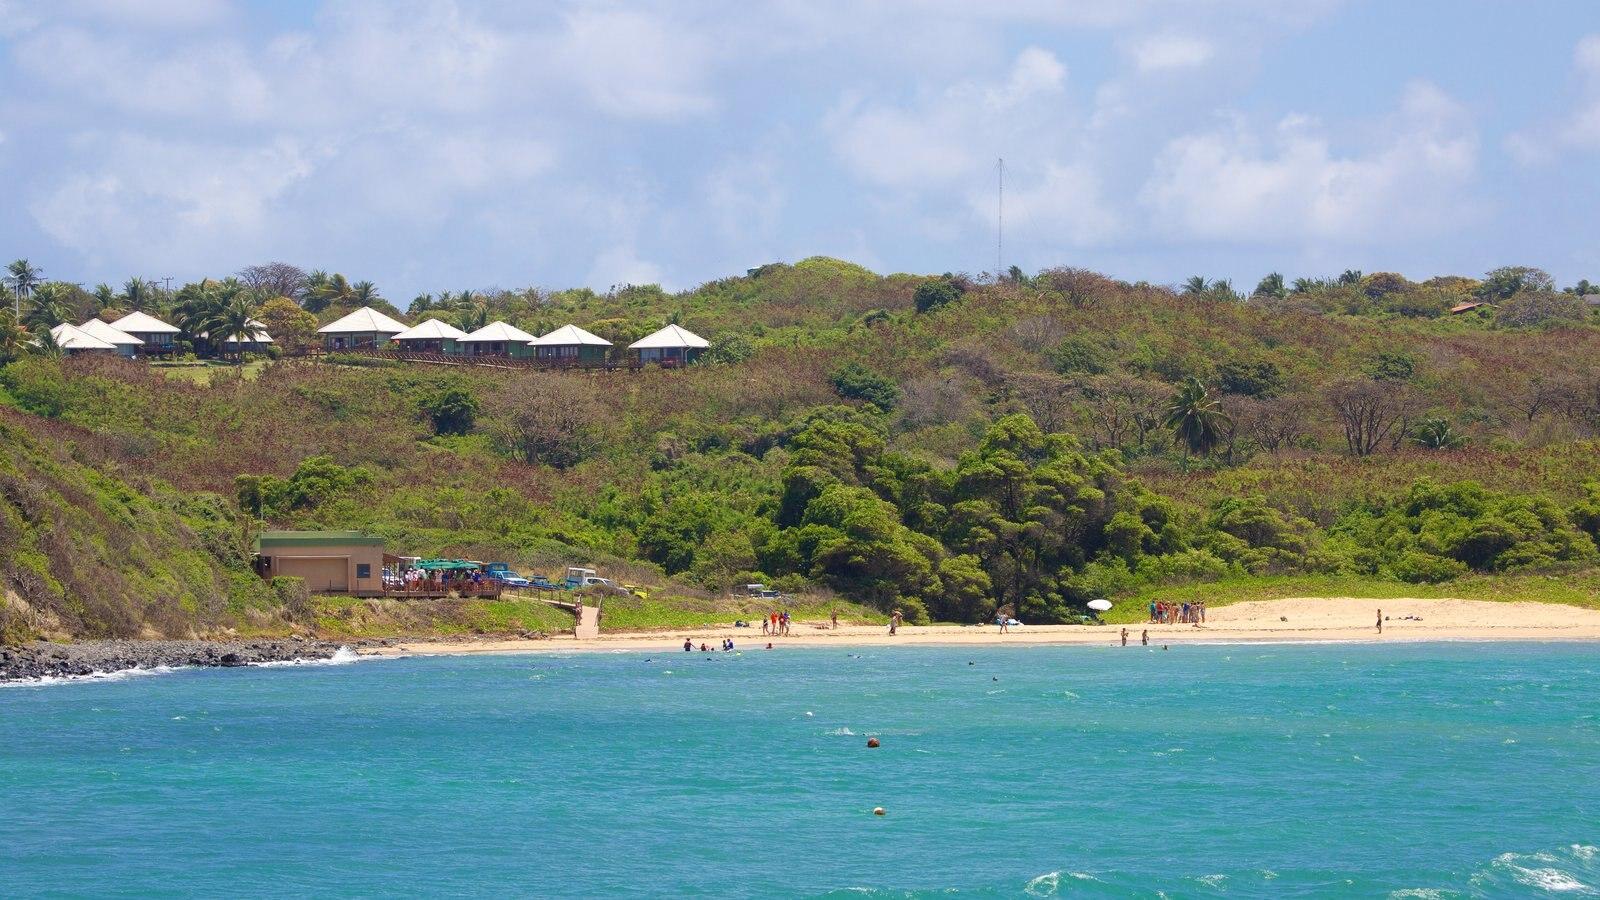 Praia do Sueste mostrando uma praia de areia, um hotel de luxo ou resort e paisagens litorâneas